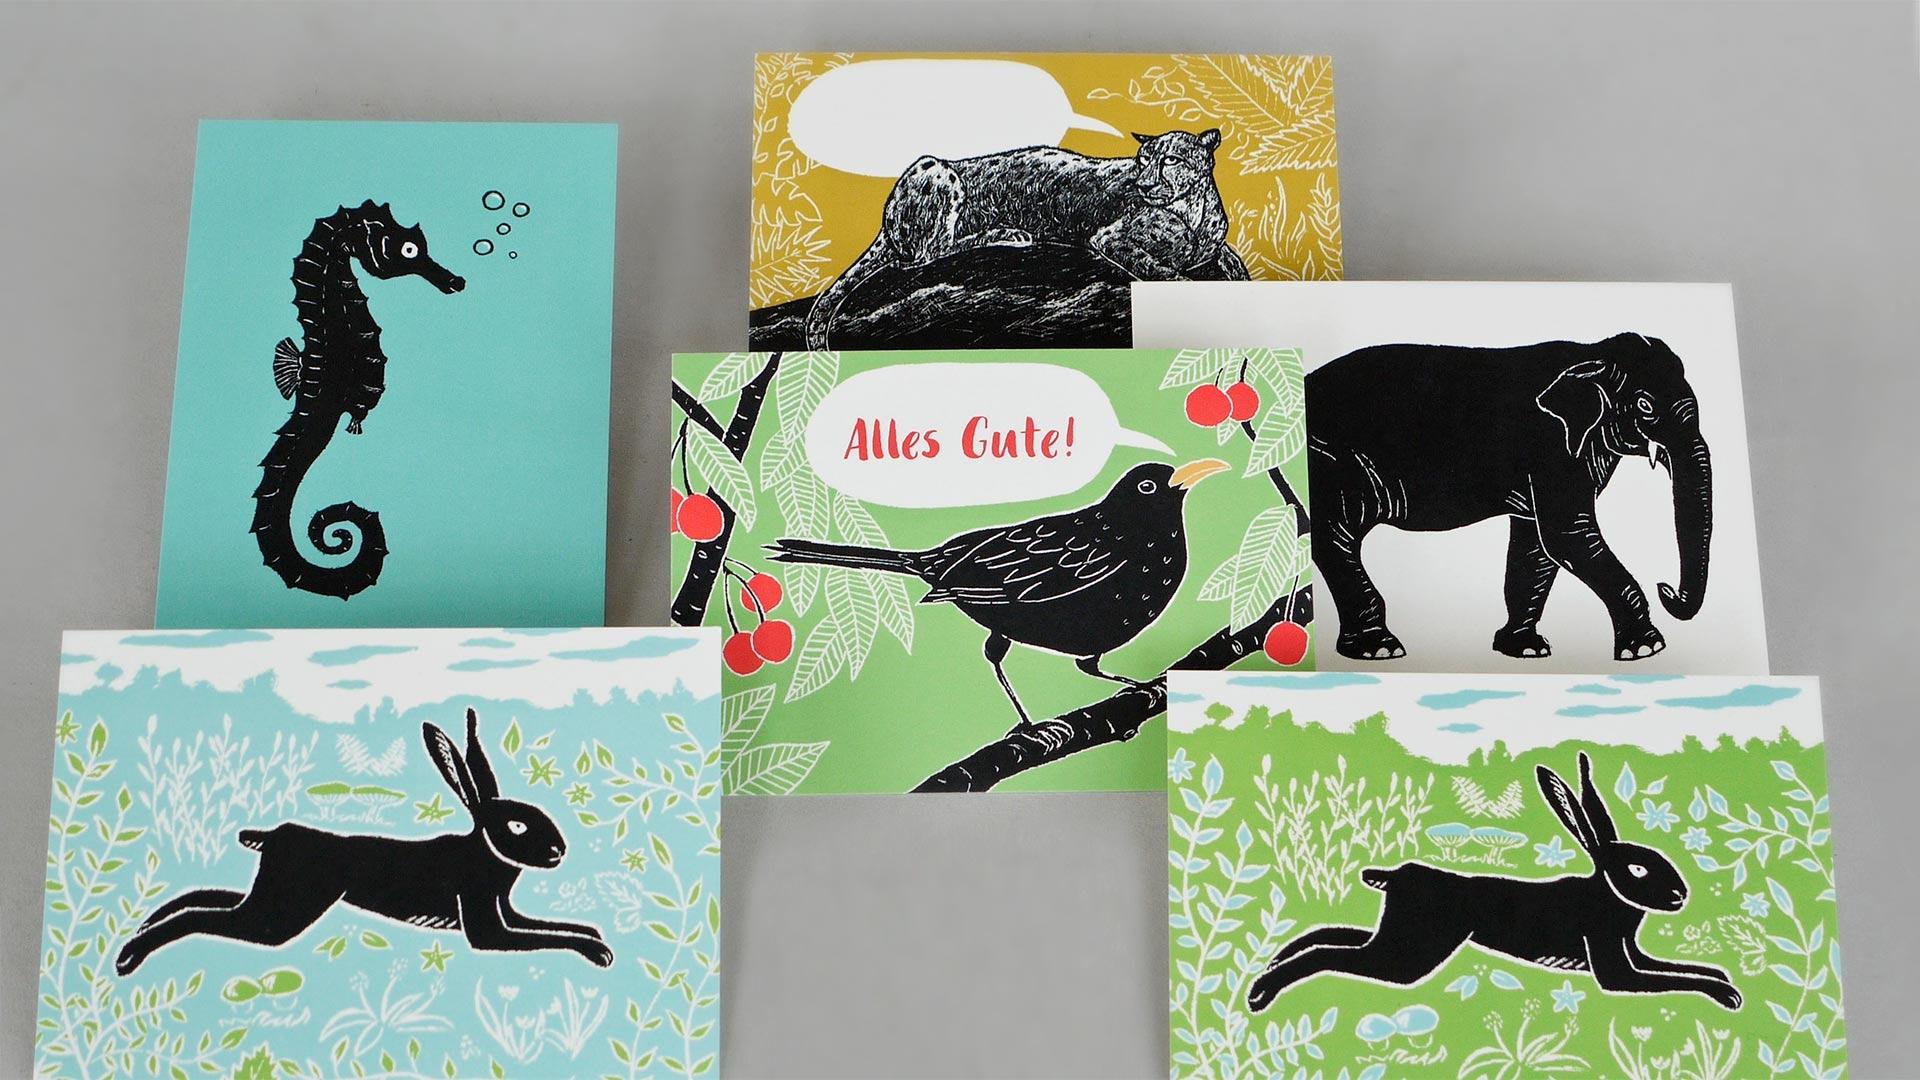 thomasdruck-kunstpostkarten-katja-rub__1130558 ThomasDruck - Referenzen- Kunstpostkarten